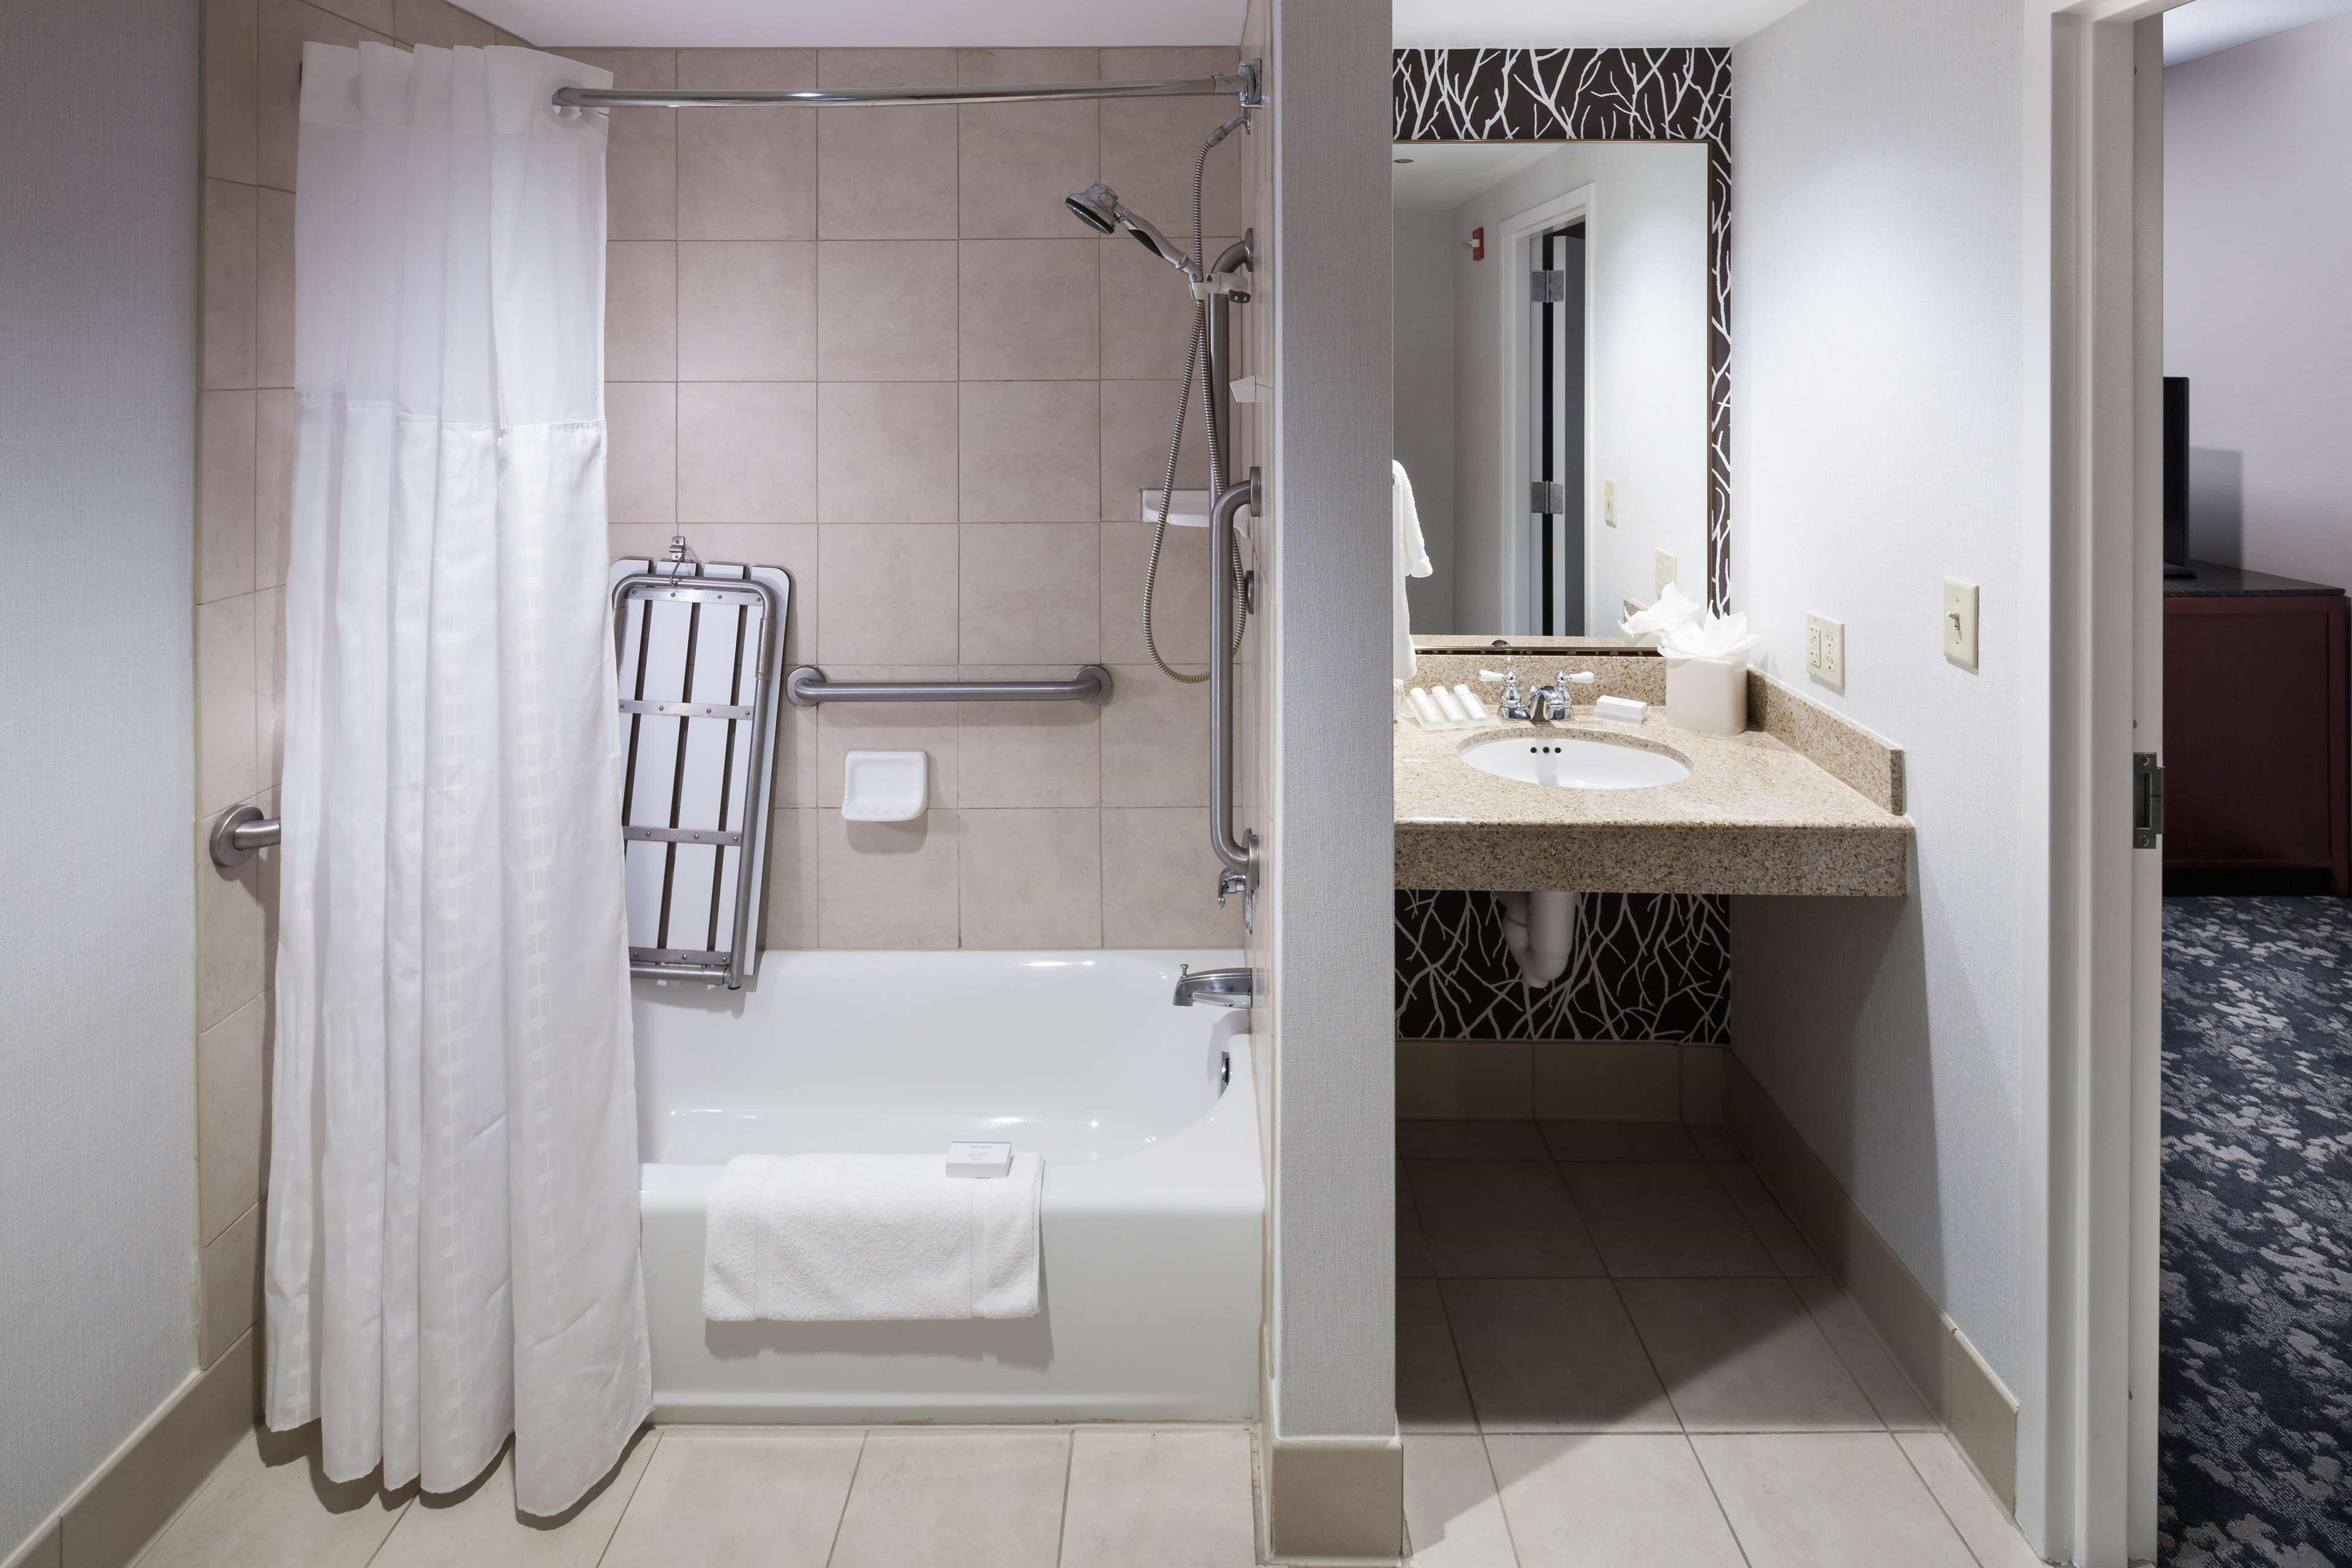 Hilton Garden Inn Frisco image 20